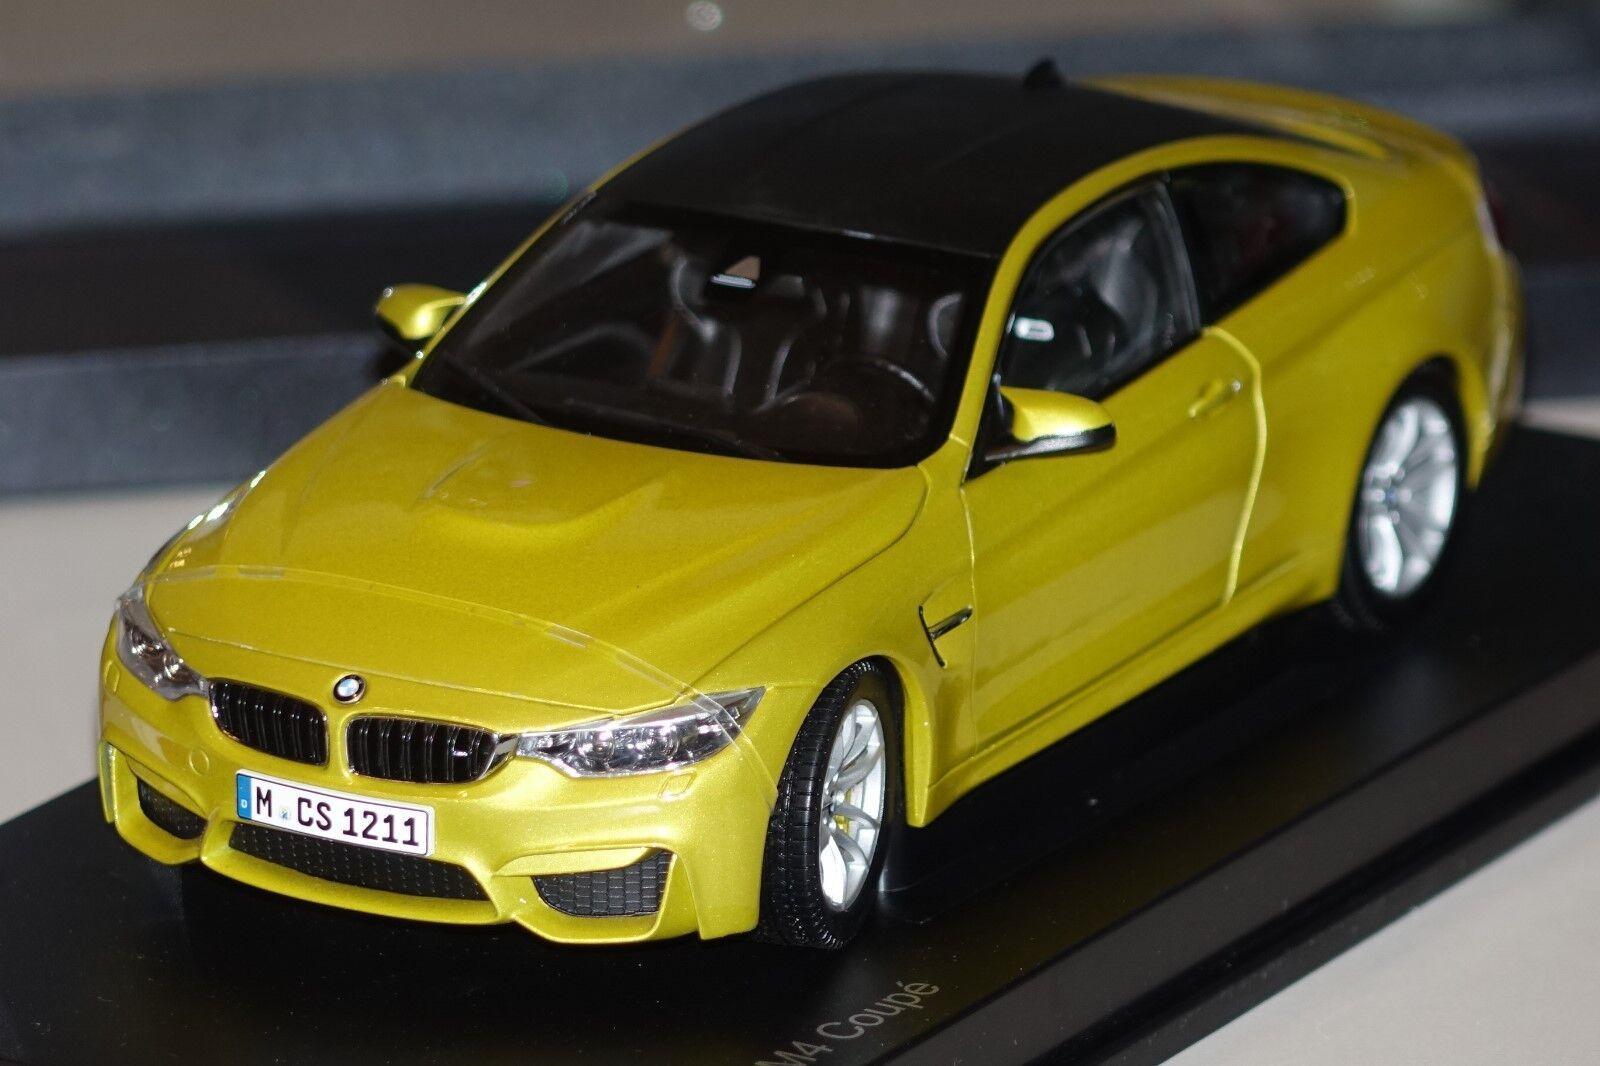 BMW m4 Coupe f82 Jaune Metallic Paragon BMW 80432339606 1 18 NOUVEAU & NEUF dans sa boîte